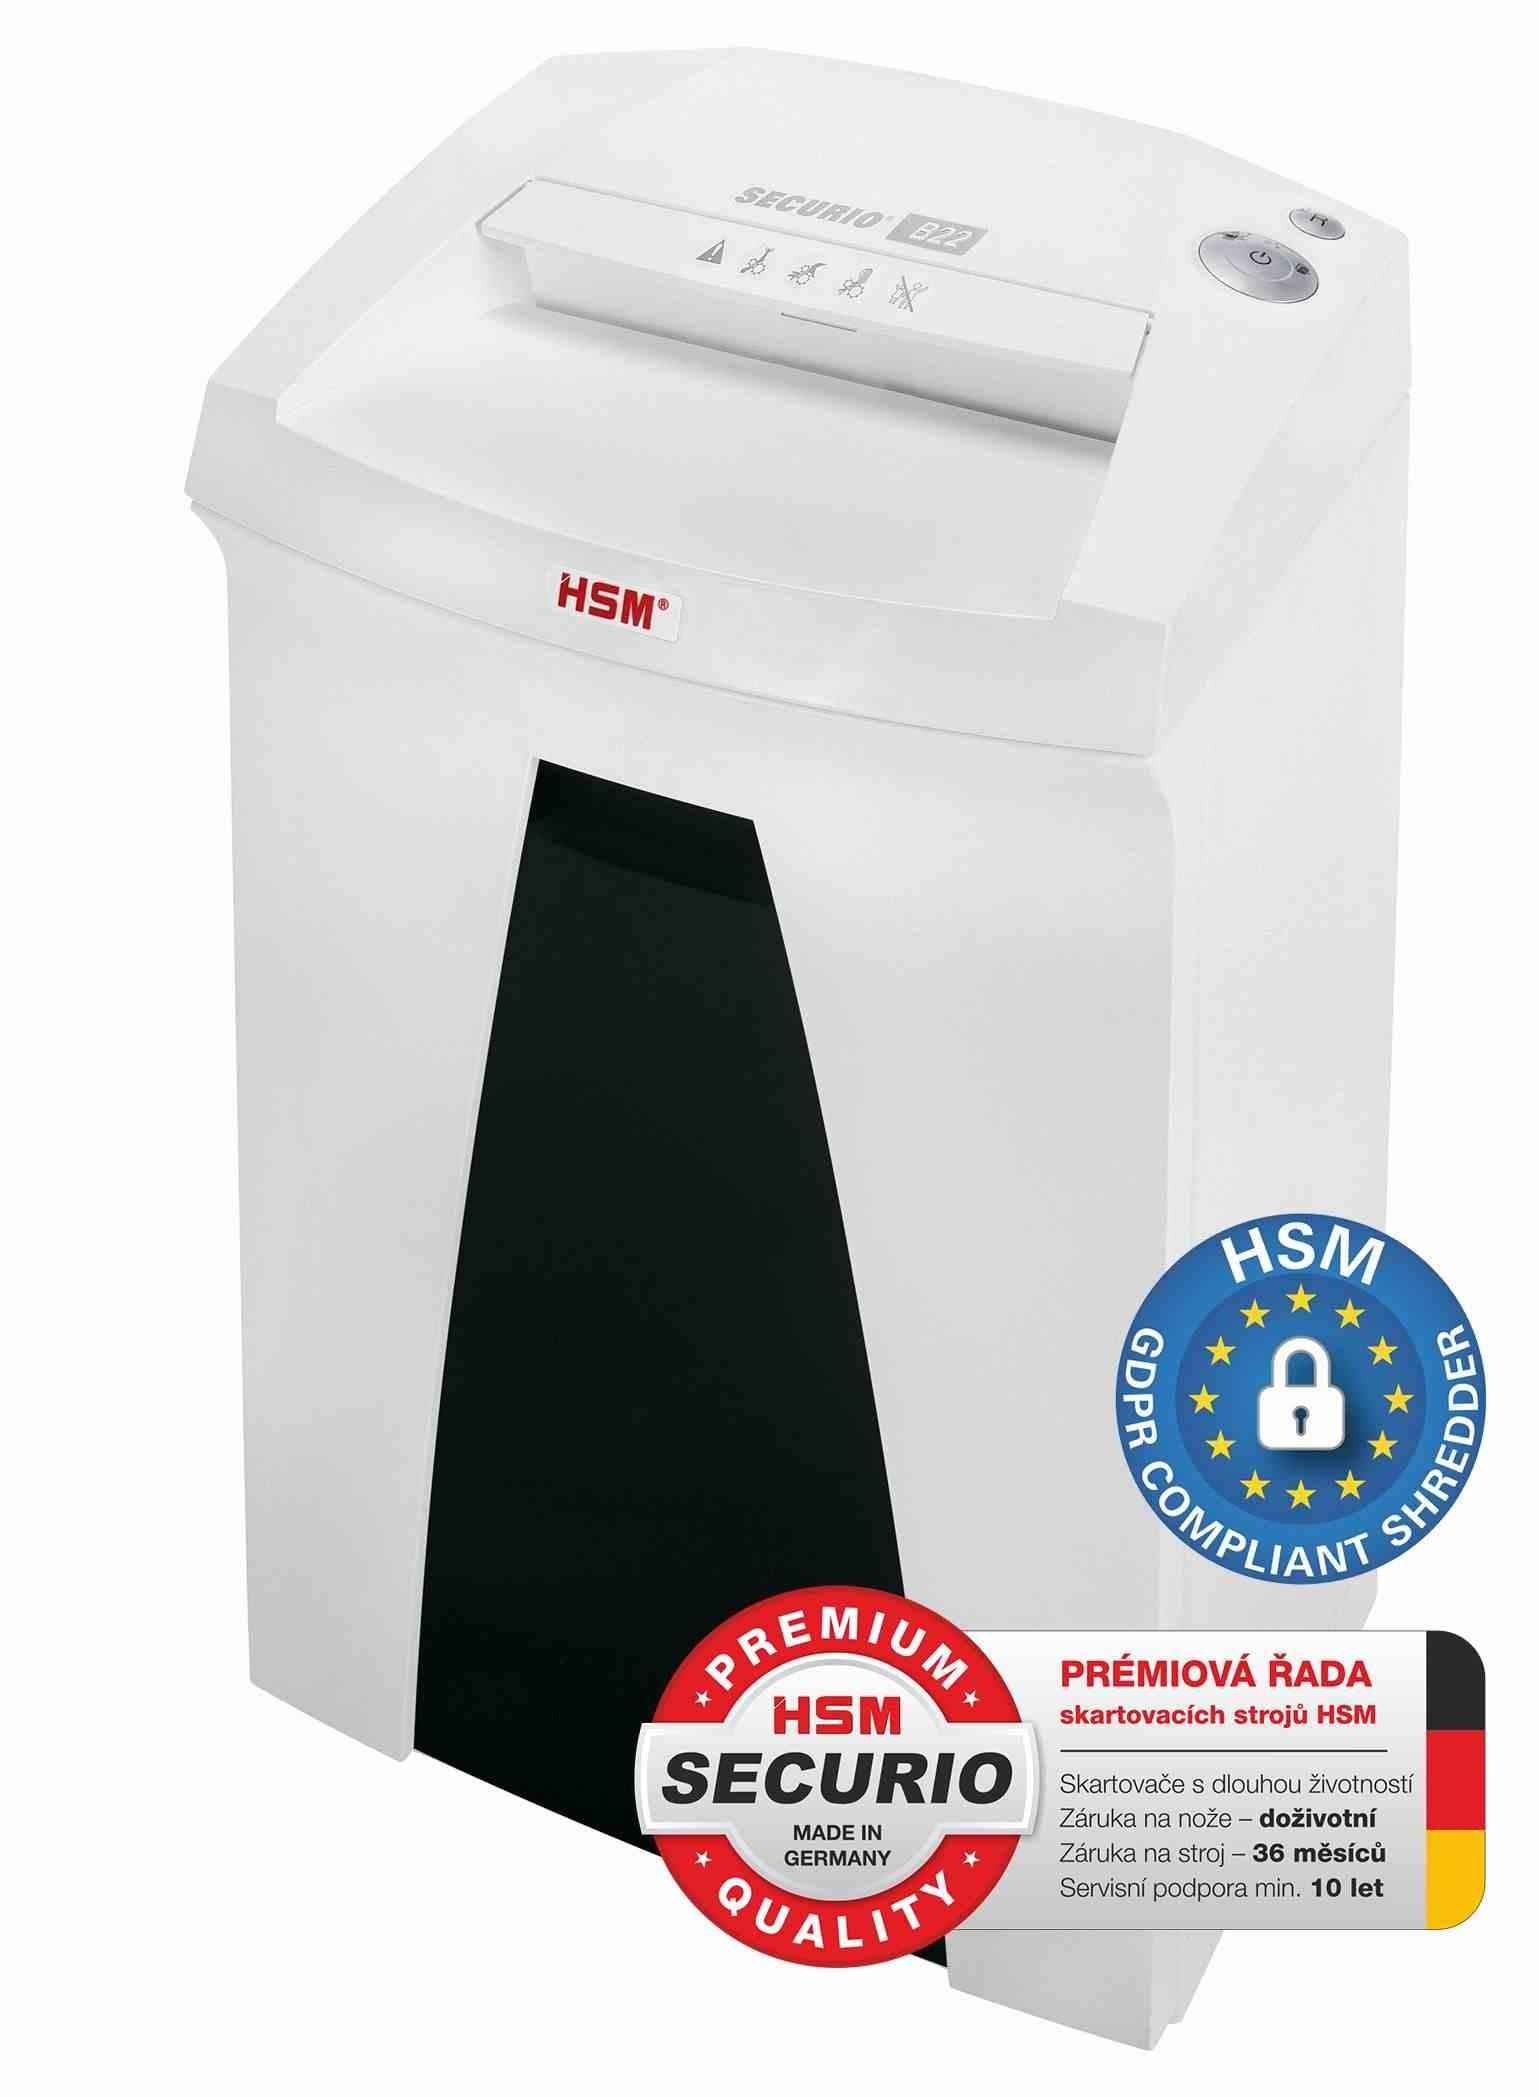 HSM skartovač Securio B22 (řez: Kombinovaný 3,9x30mm | vstup: 240mm | DIN: P-4 (3) | papír, sponky, plast. karty )